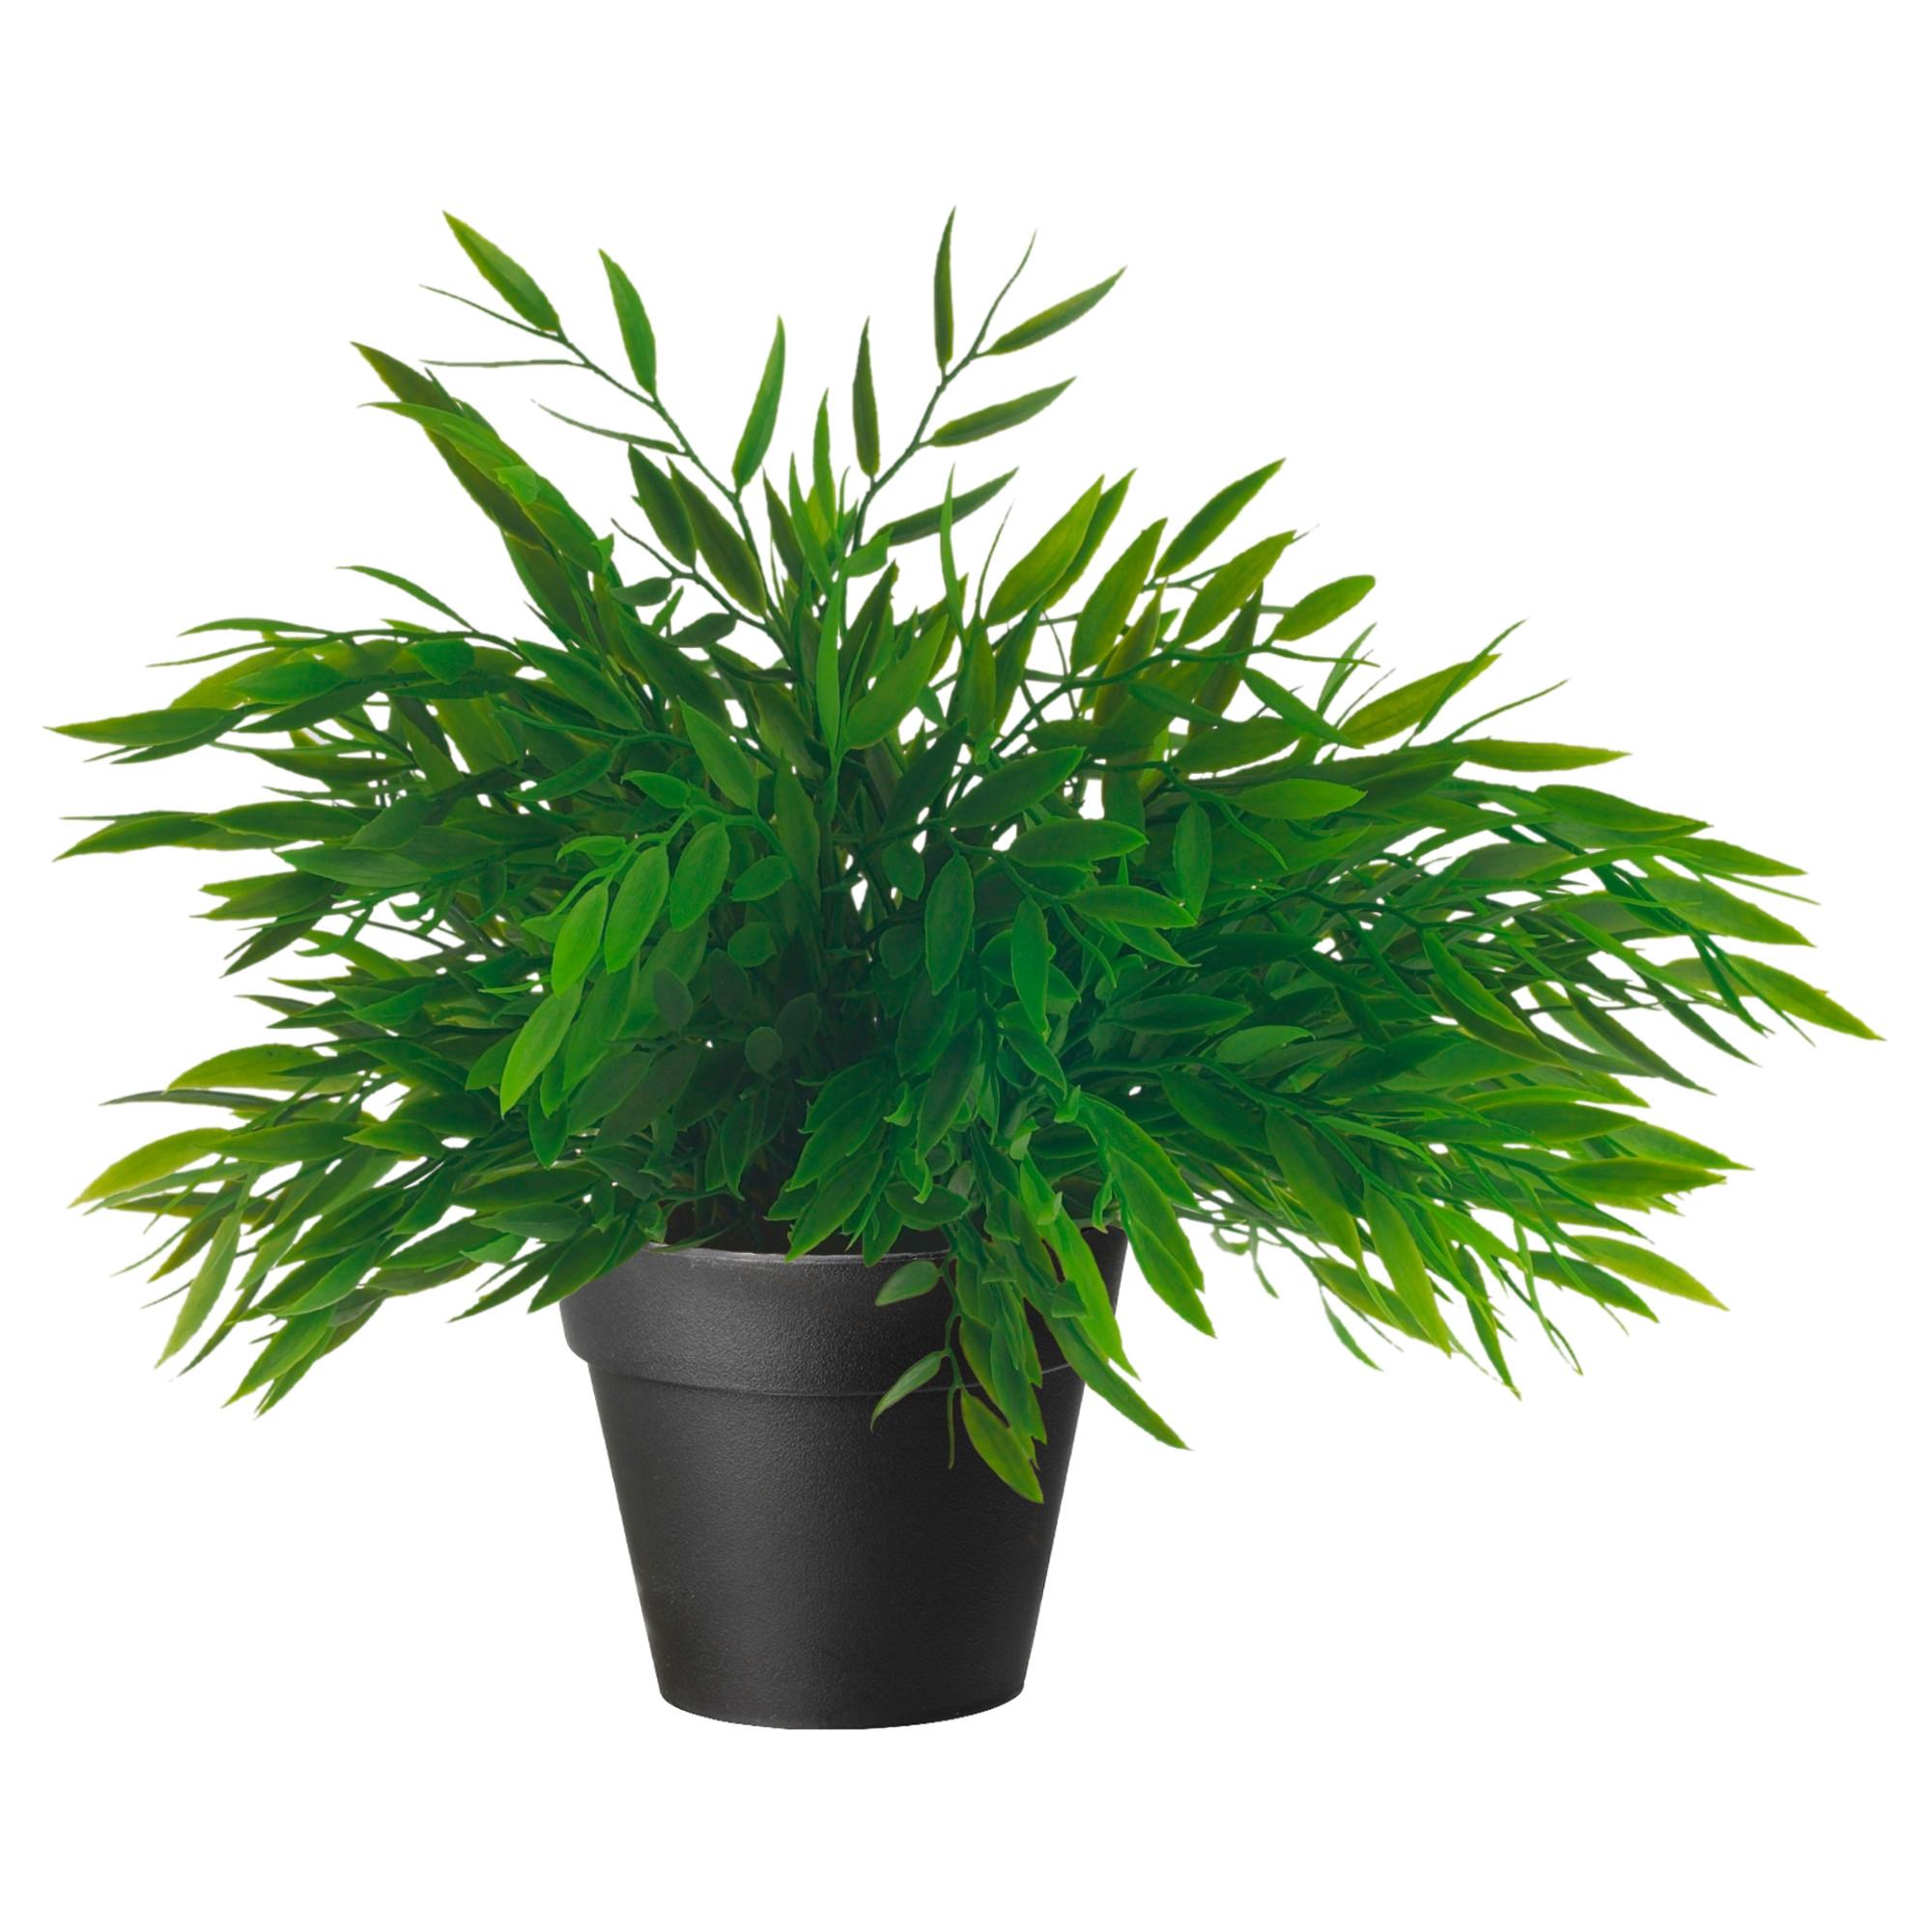 Fejka planta artificial en maceta - Plantar en maceta ...